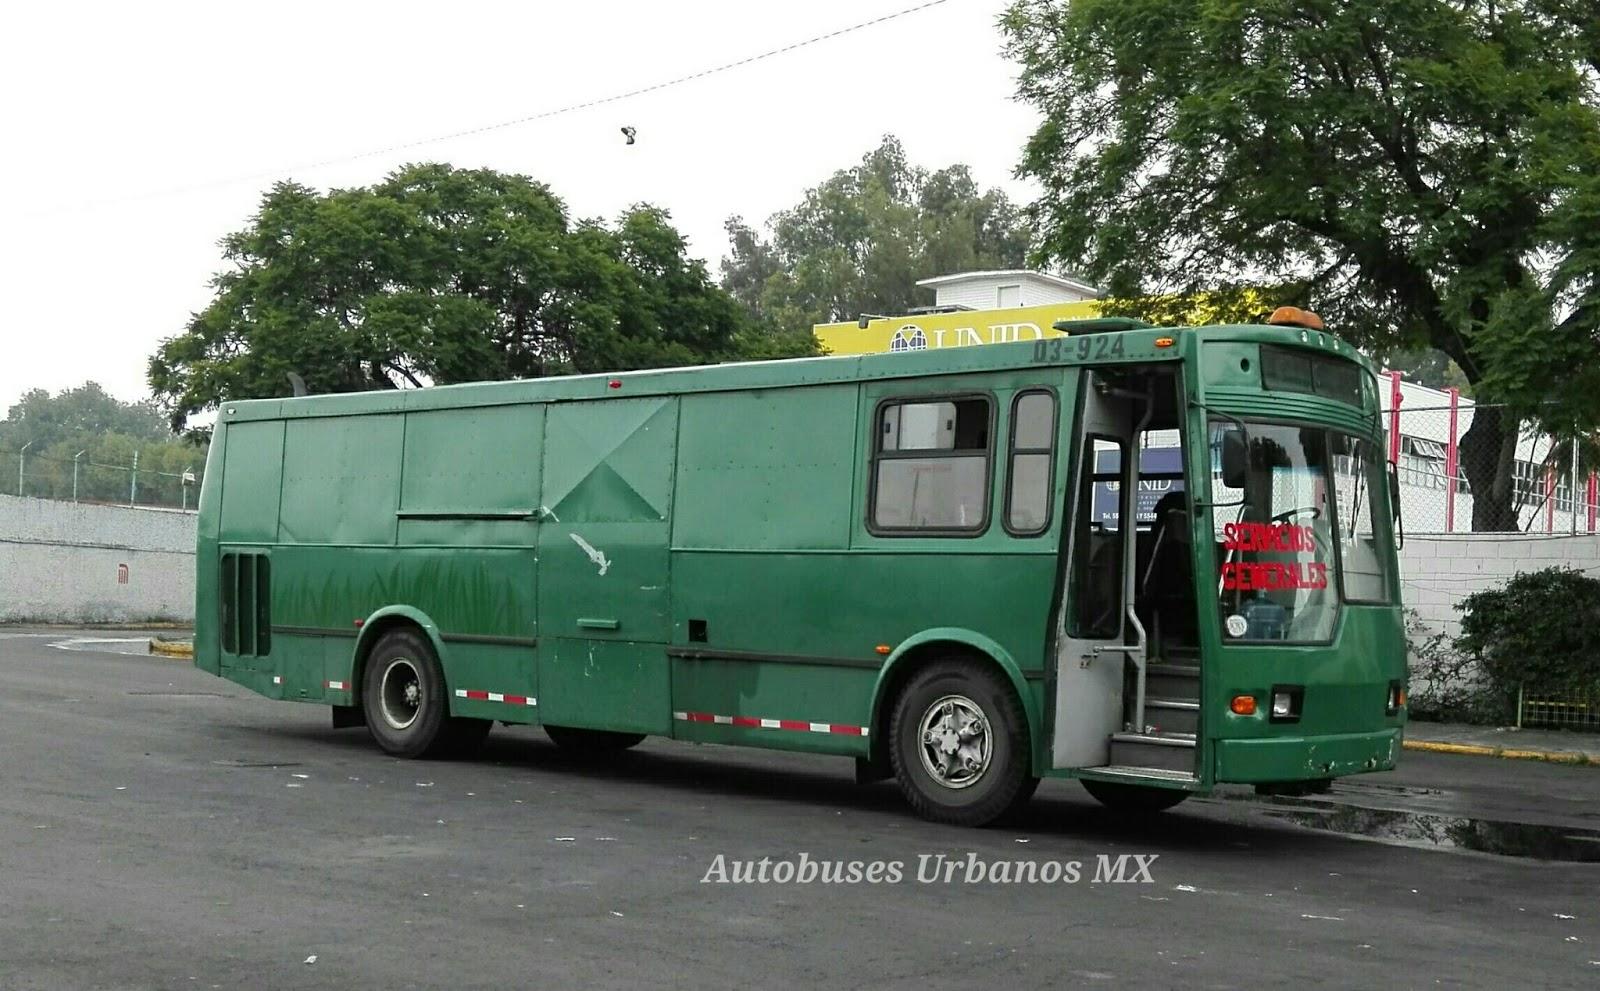 Autobuses urbanos ciudad de m xico mercedes benz capre for Mercedes benz com mx mexico